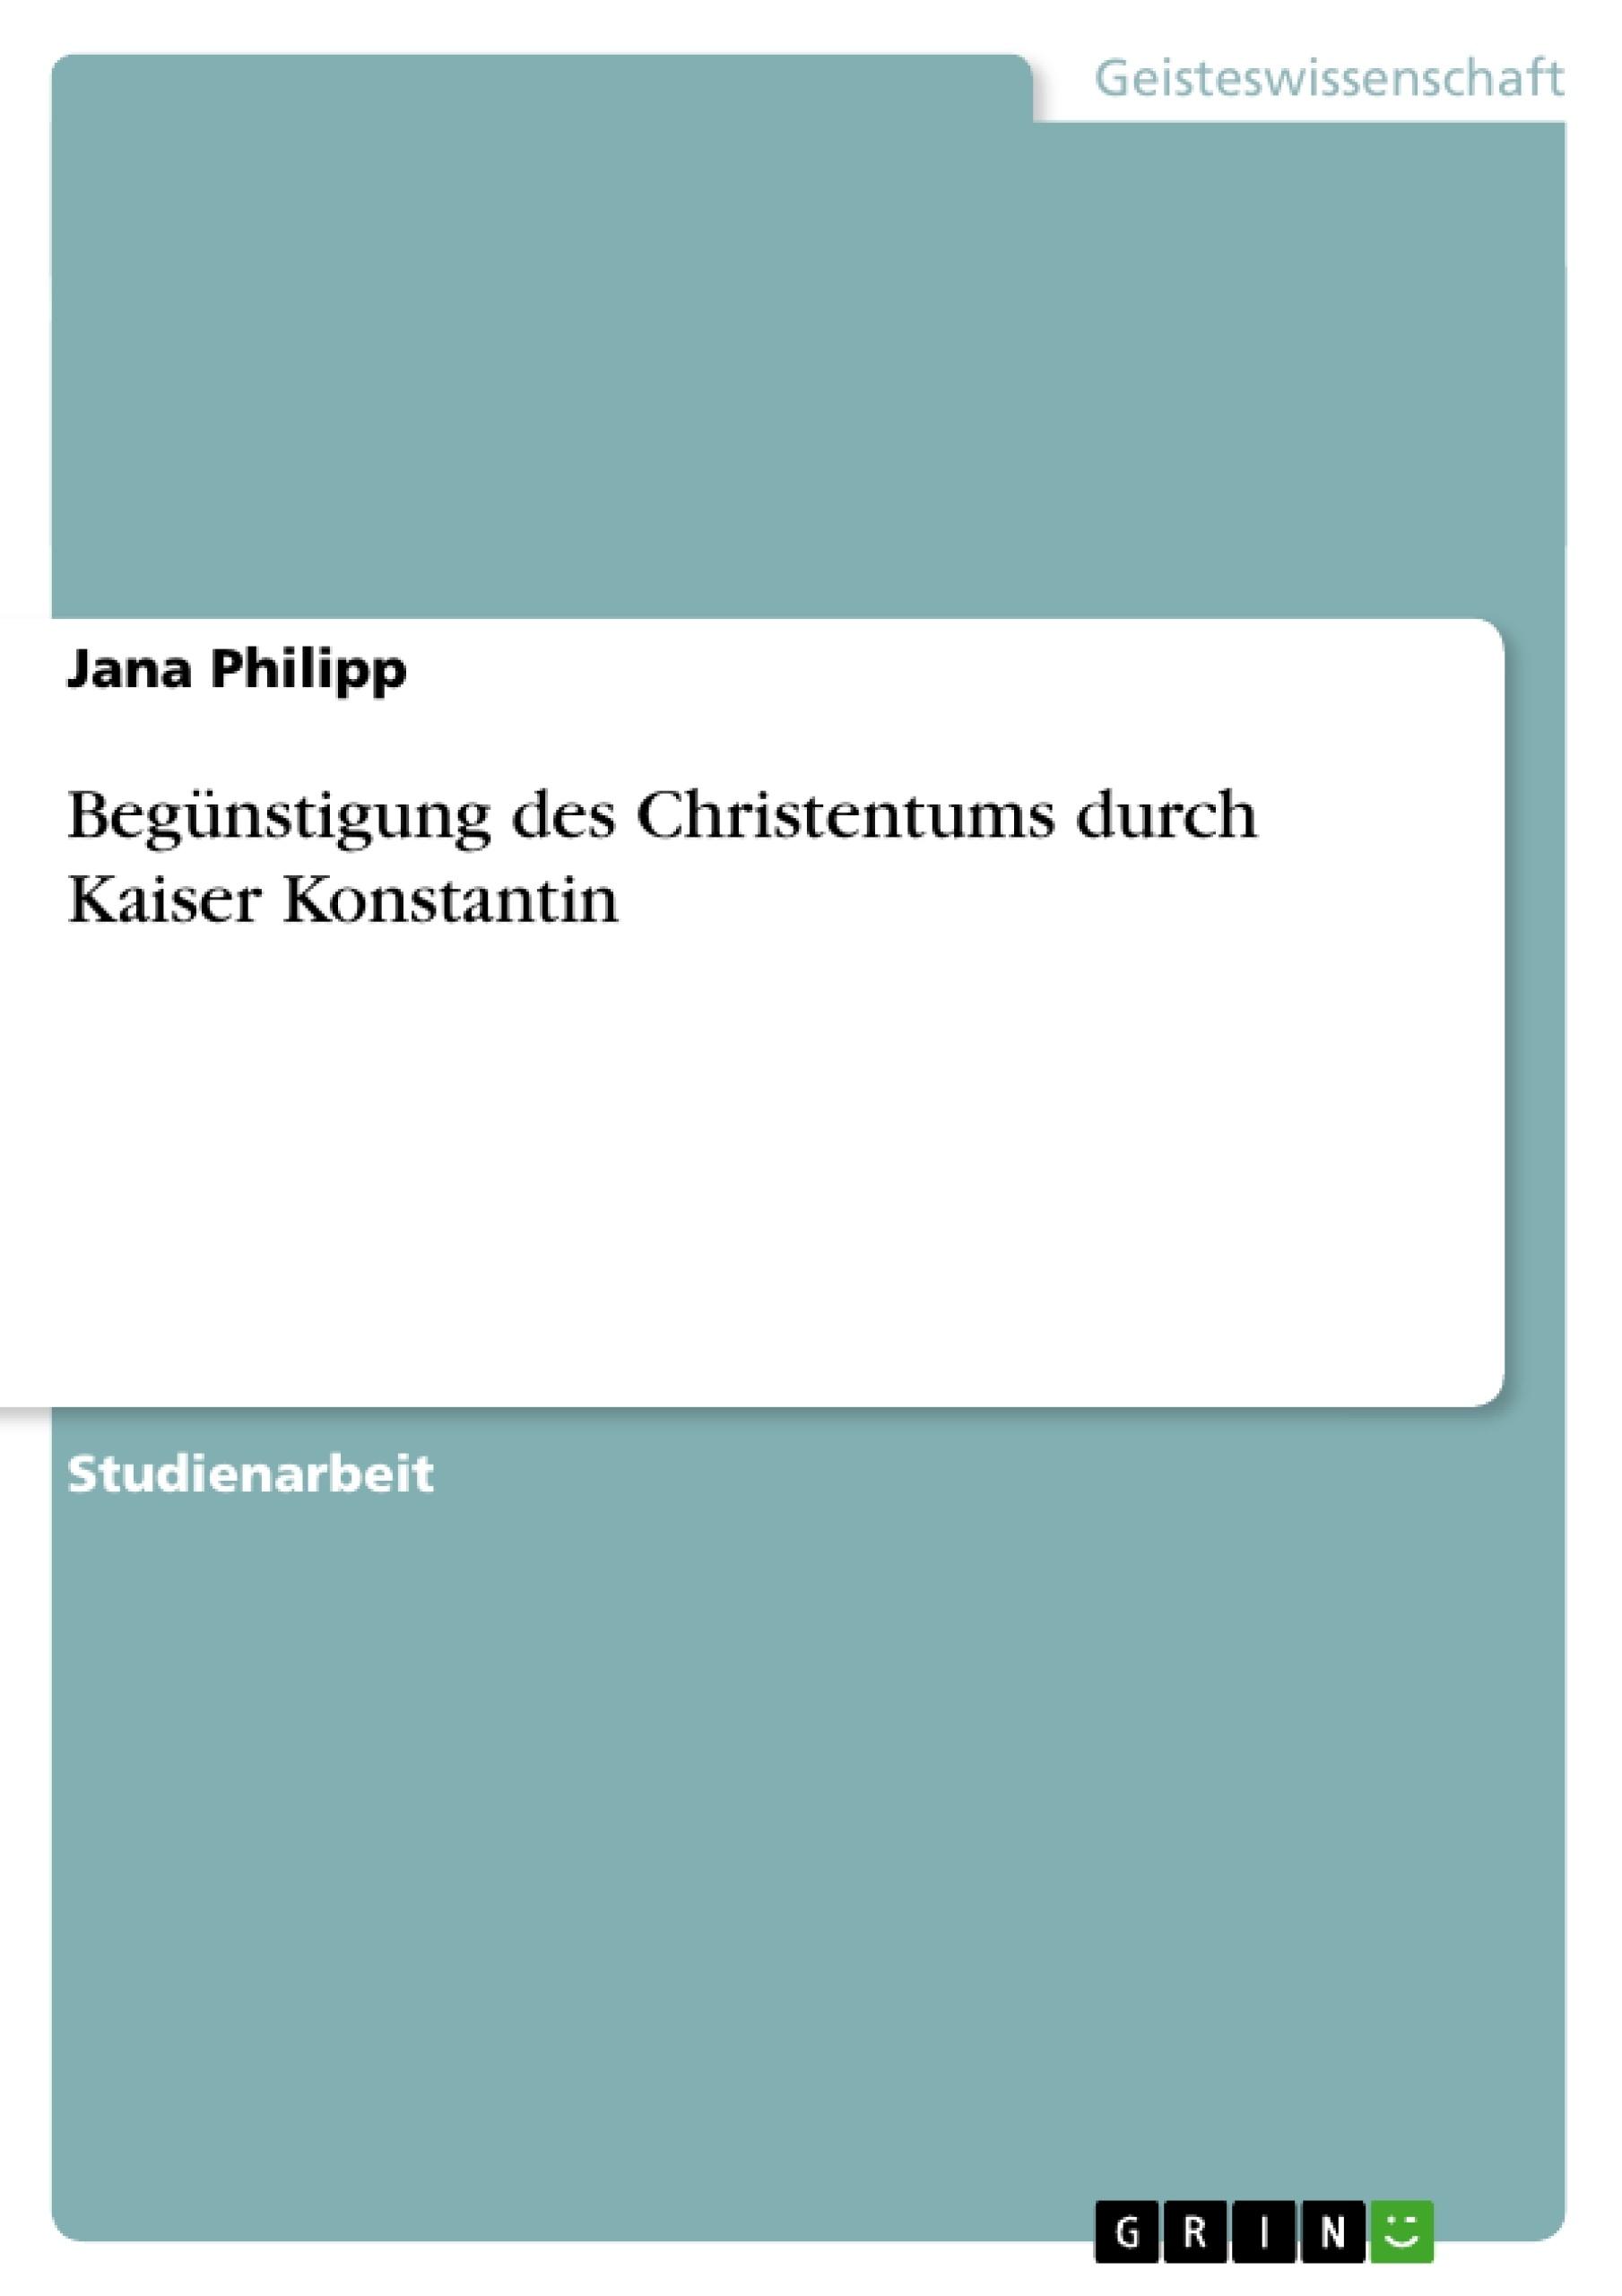 Titel: Begünstigung des Christentums durch Kaiser Konstantin